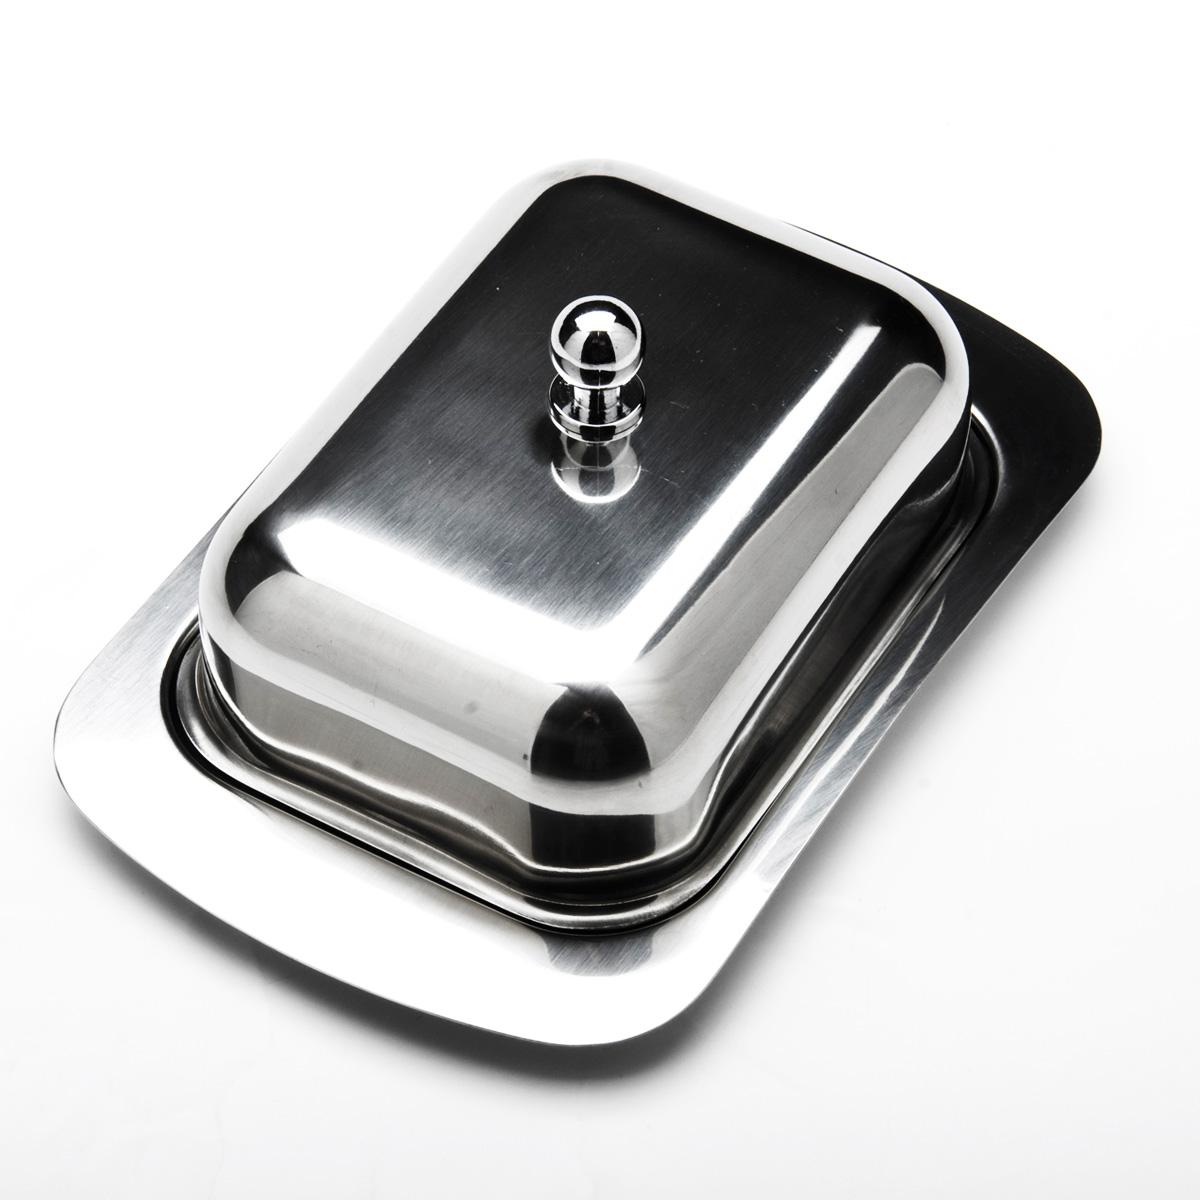 """Масленка """"Mayer & Boch"""", изготовленная из высококачественной нержавеющей стали, предназначена для красивой сервировки и хранения масла. Она состоит из подноса и крышки с ручкой. Масло в ней долго остается свежим, а при хранении в холодильнике не впитывает посторонние запахи. Гладкая поверхность обеспечивает легкую чистку. Можно мыть в посудомоечной машине.    Размер подноса: 19 см х 12 см х 2 см.  Размер крышки: 13,5 см х 10 см х 6 см."""